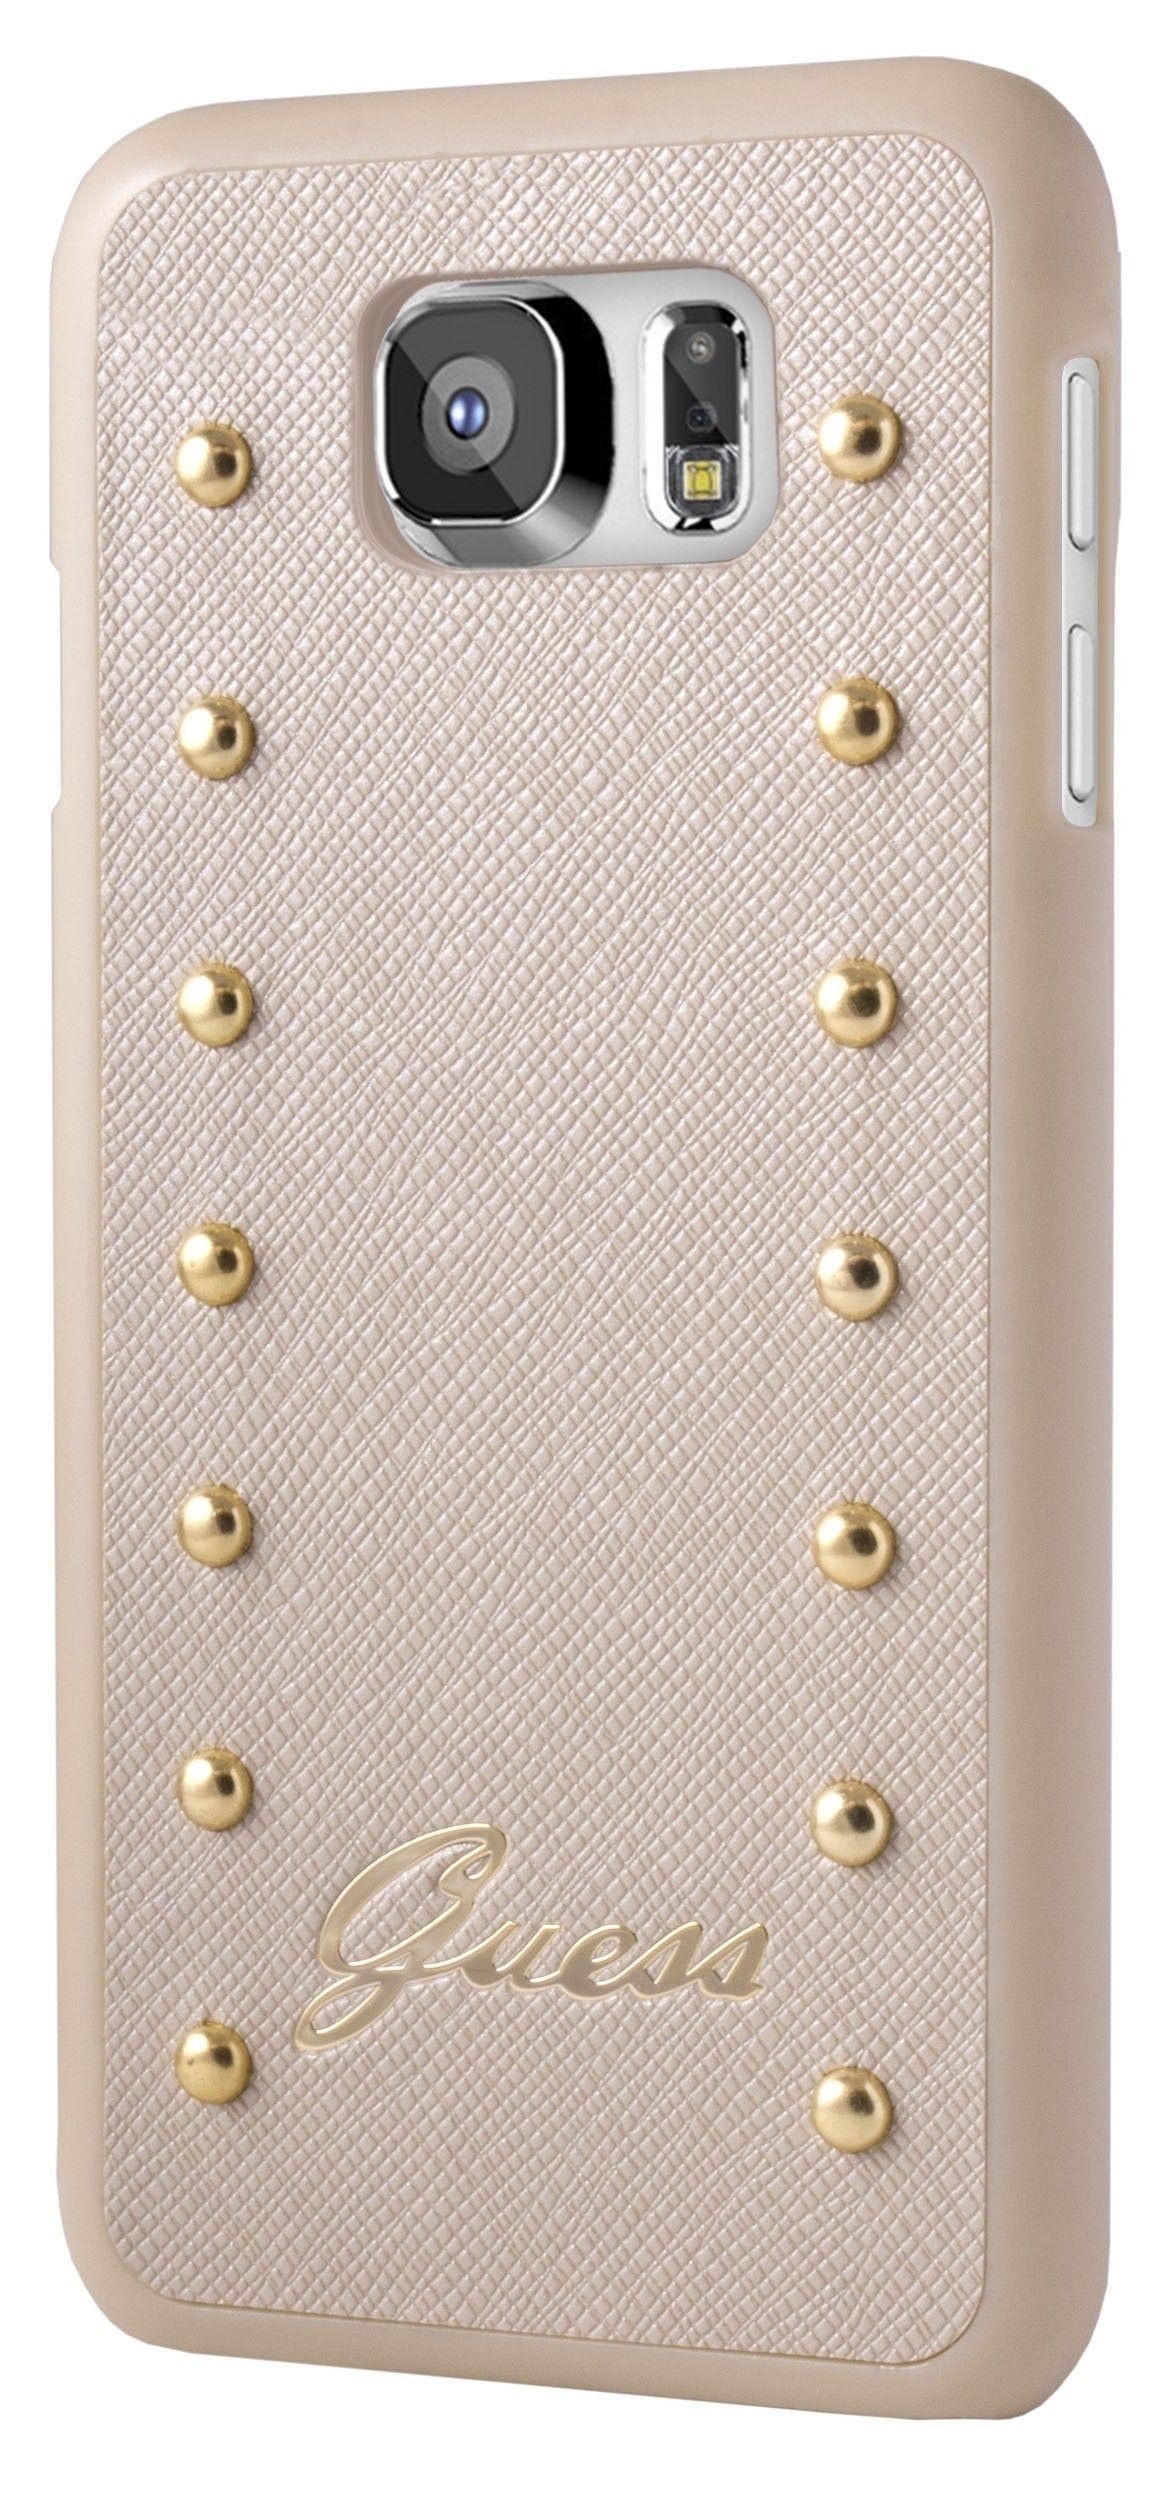 Carcasa Para Samsung Galaxy S6 Guess Studded Beige Samsung Galaxy S6 Samsung Galaxy Galaxy S6